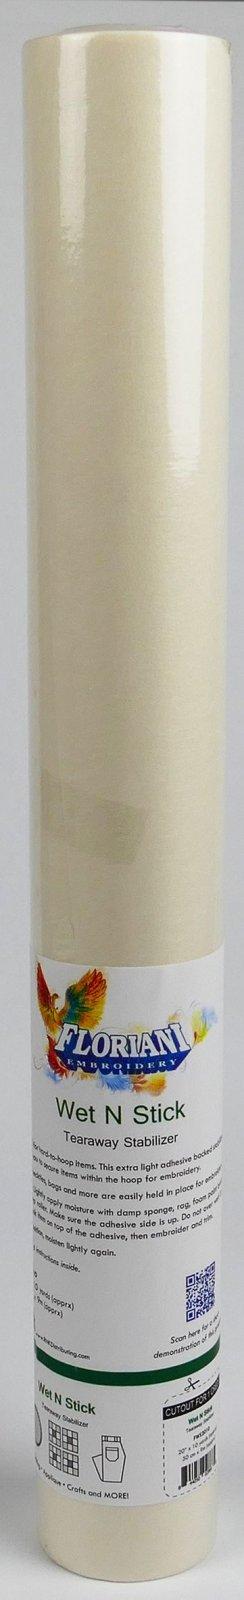 Floriani Wet N Stick Tearaway Stabilizer - 20 x 10 yards